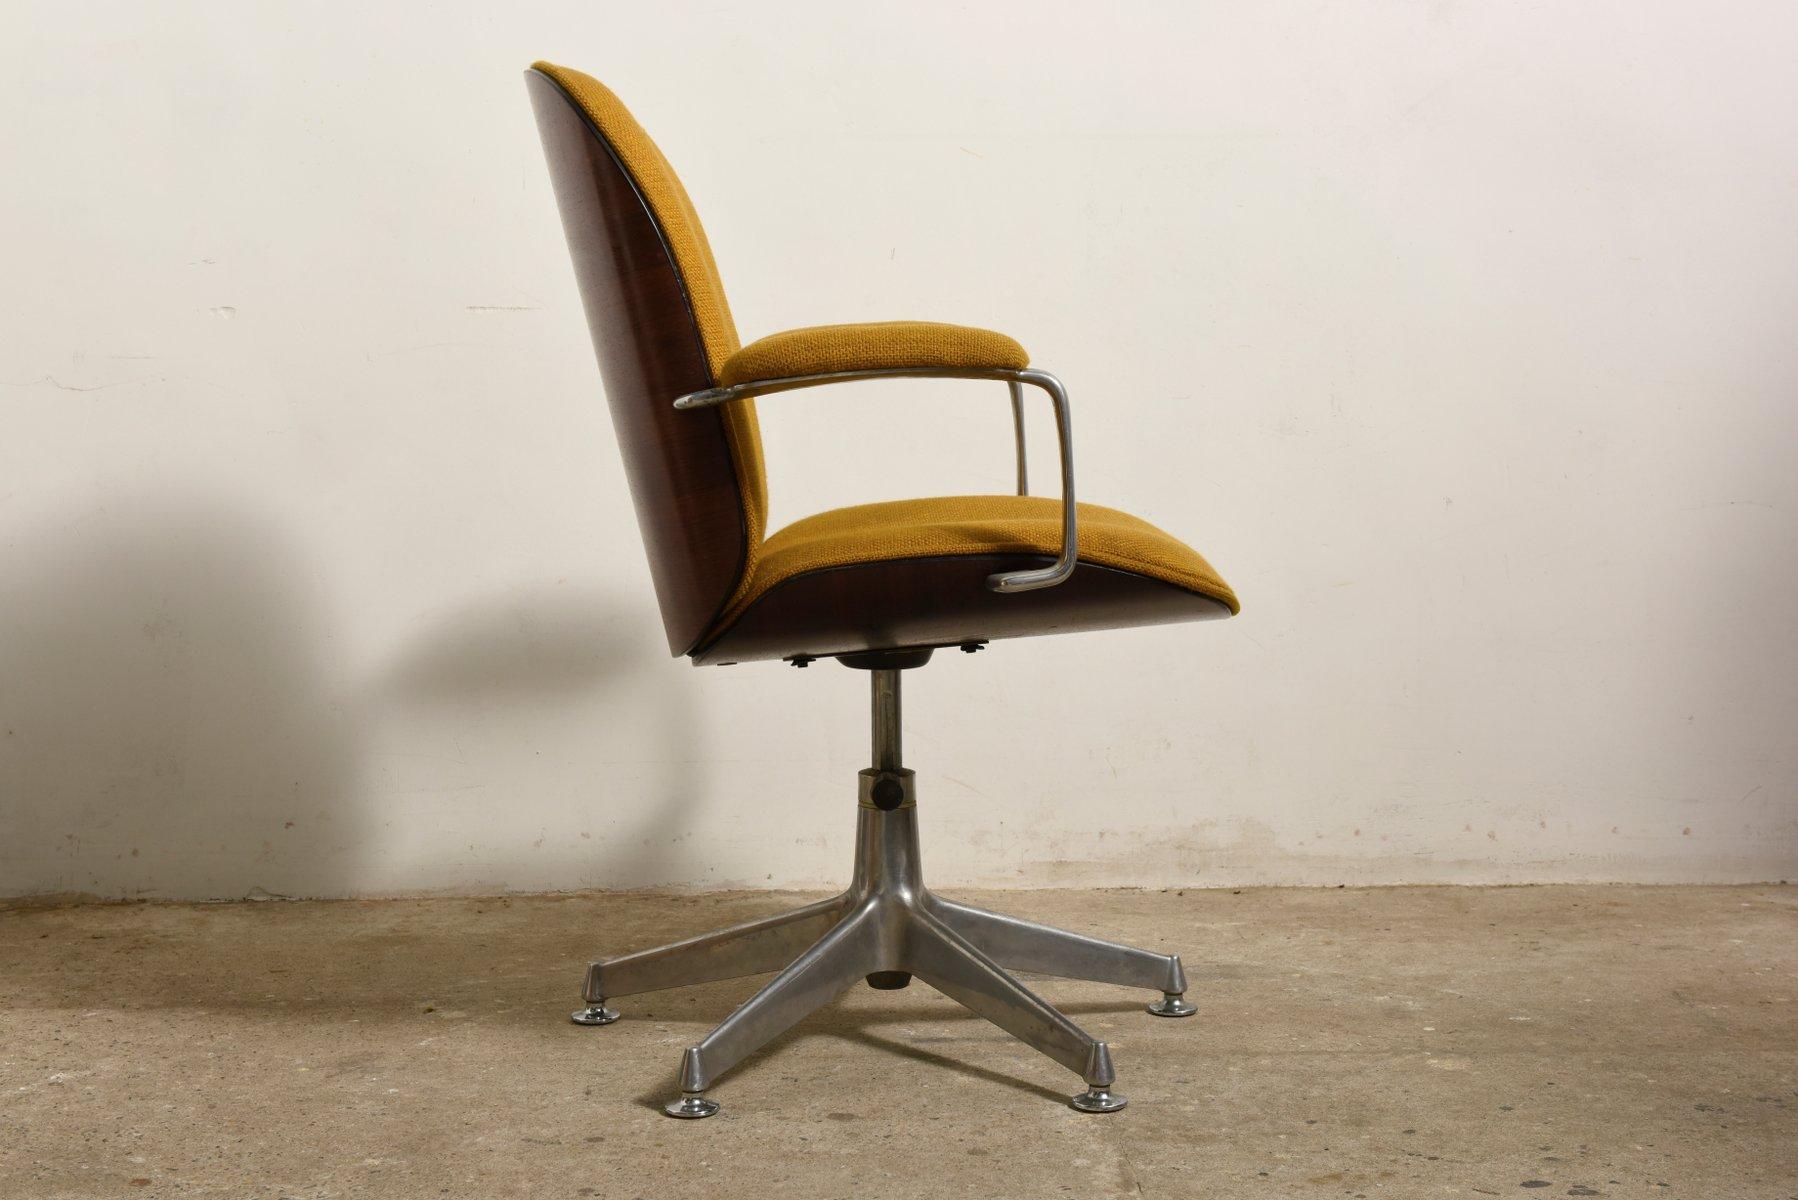 Sedia da ufficio girevole terni con braccioli di ico & luisa parisi